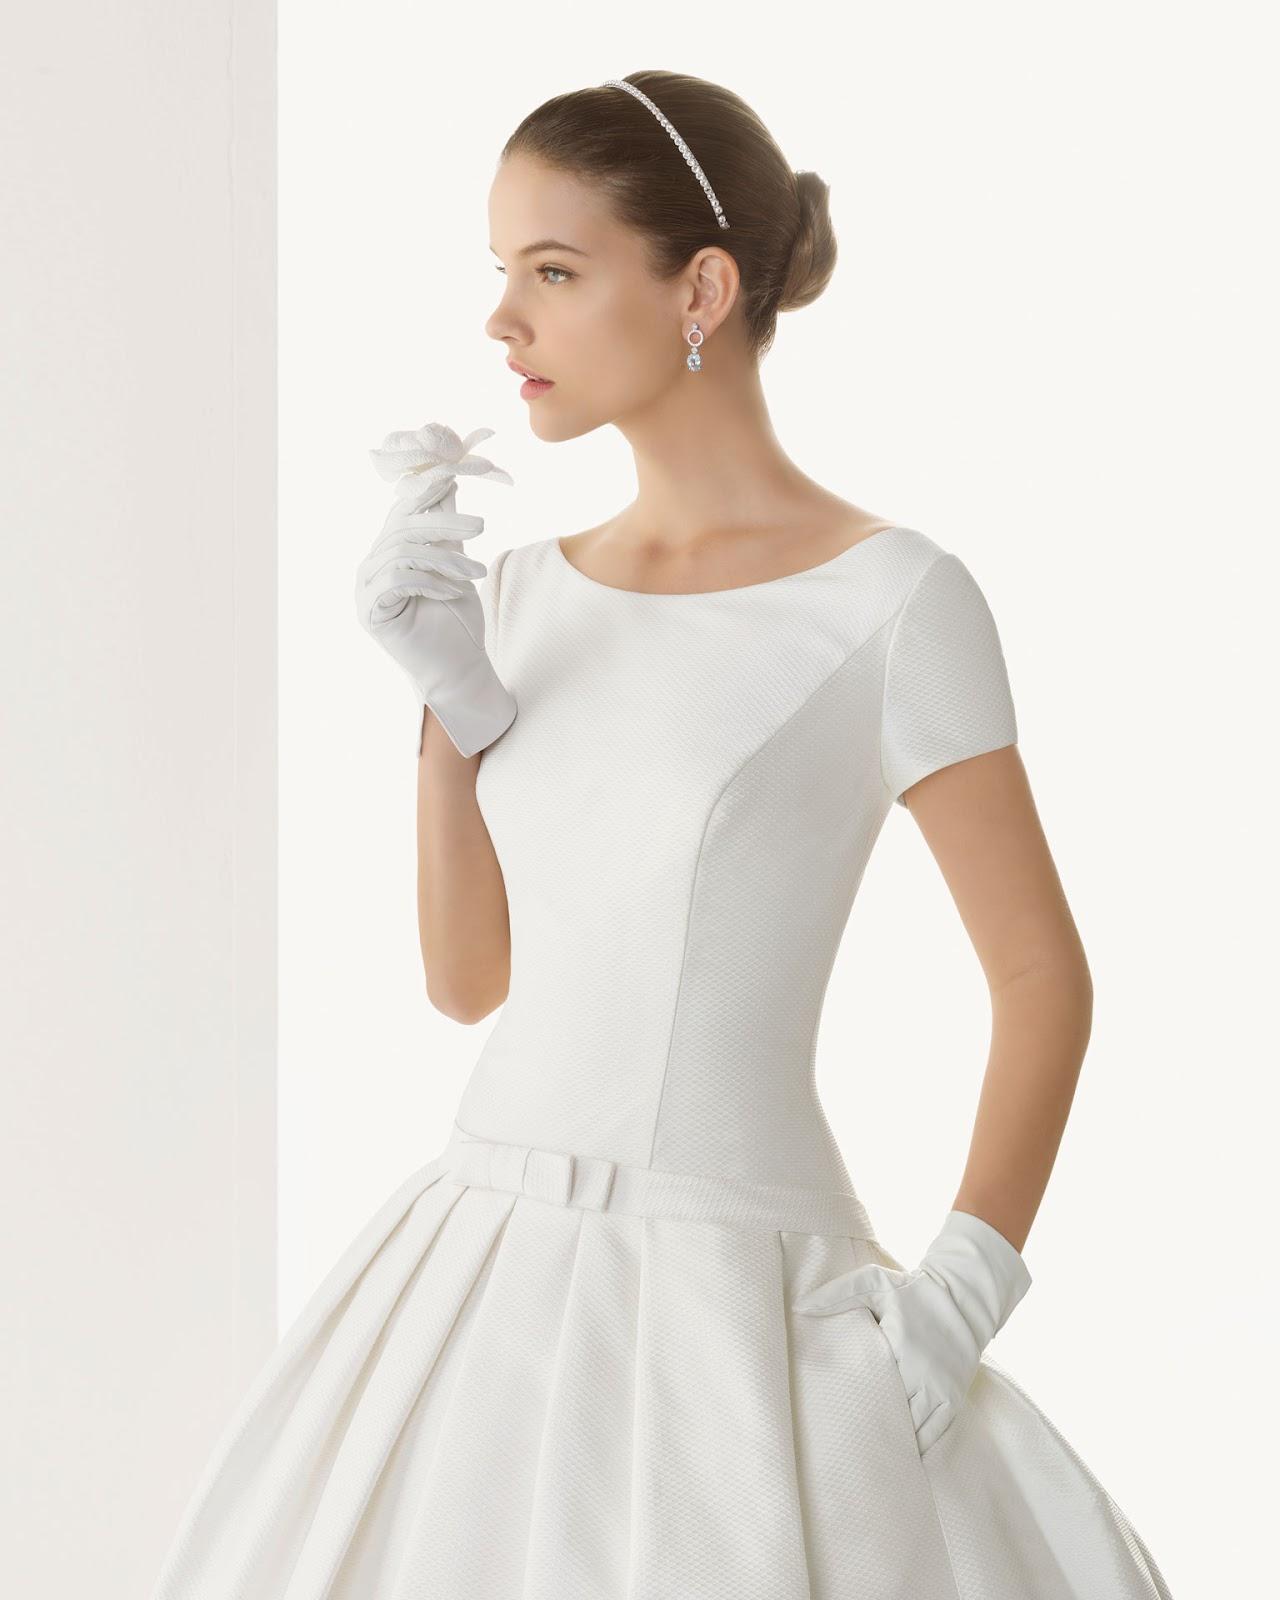 Brautkleider im 50er 60er stil creme – Dein neuer Kleiderfotoblog